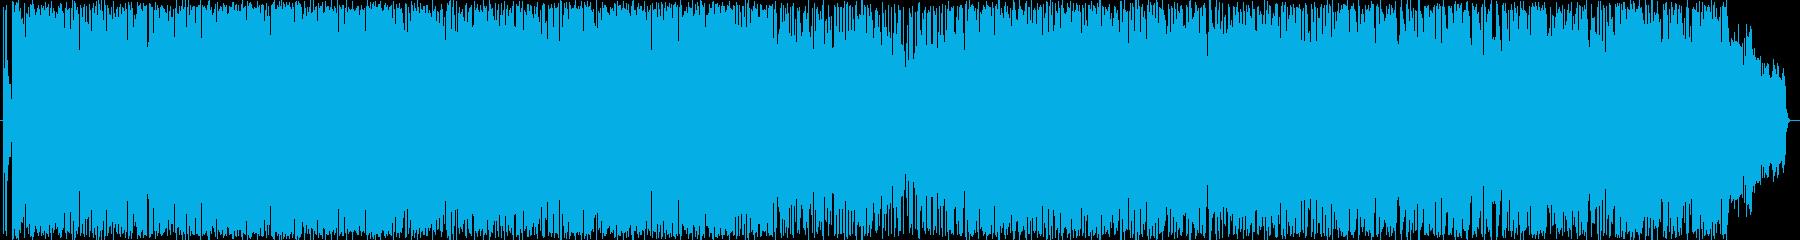 ロックエレクトロニック 楽しげ ハ...の再生済みの波形